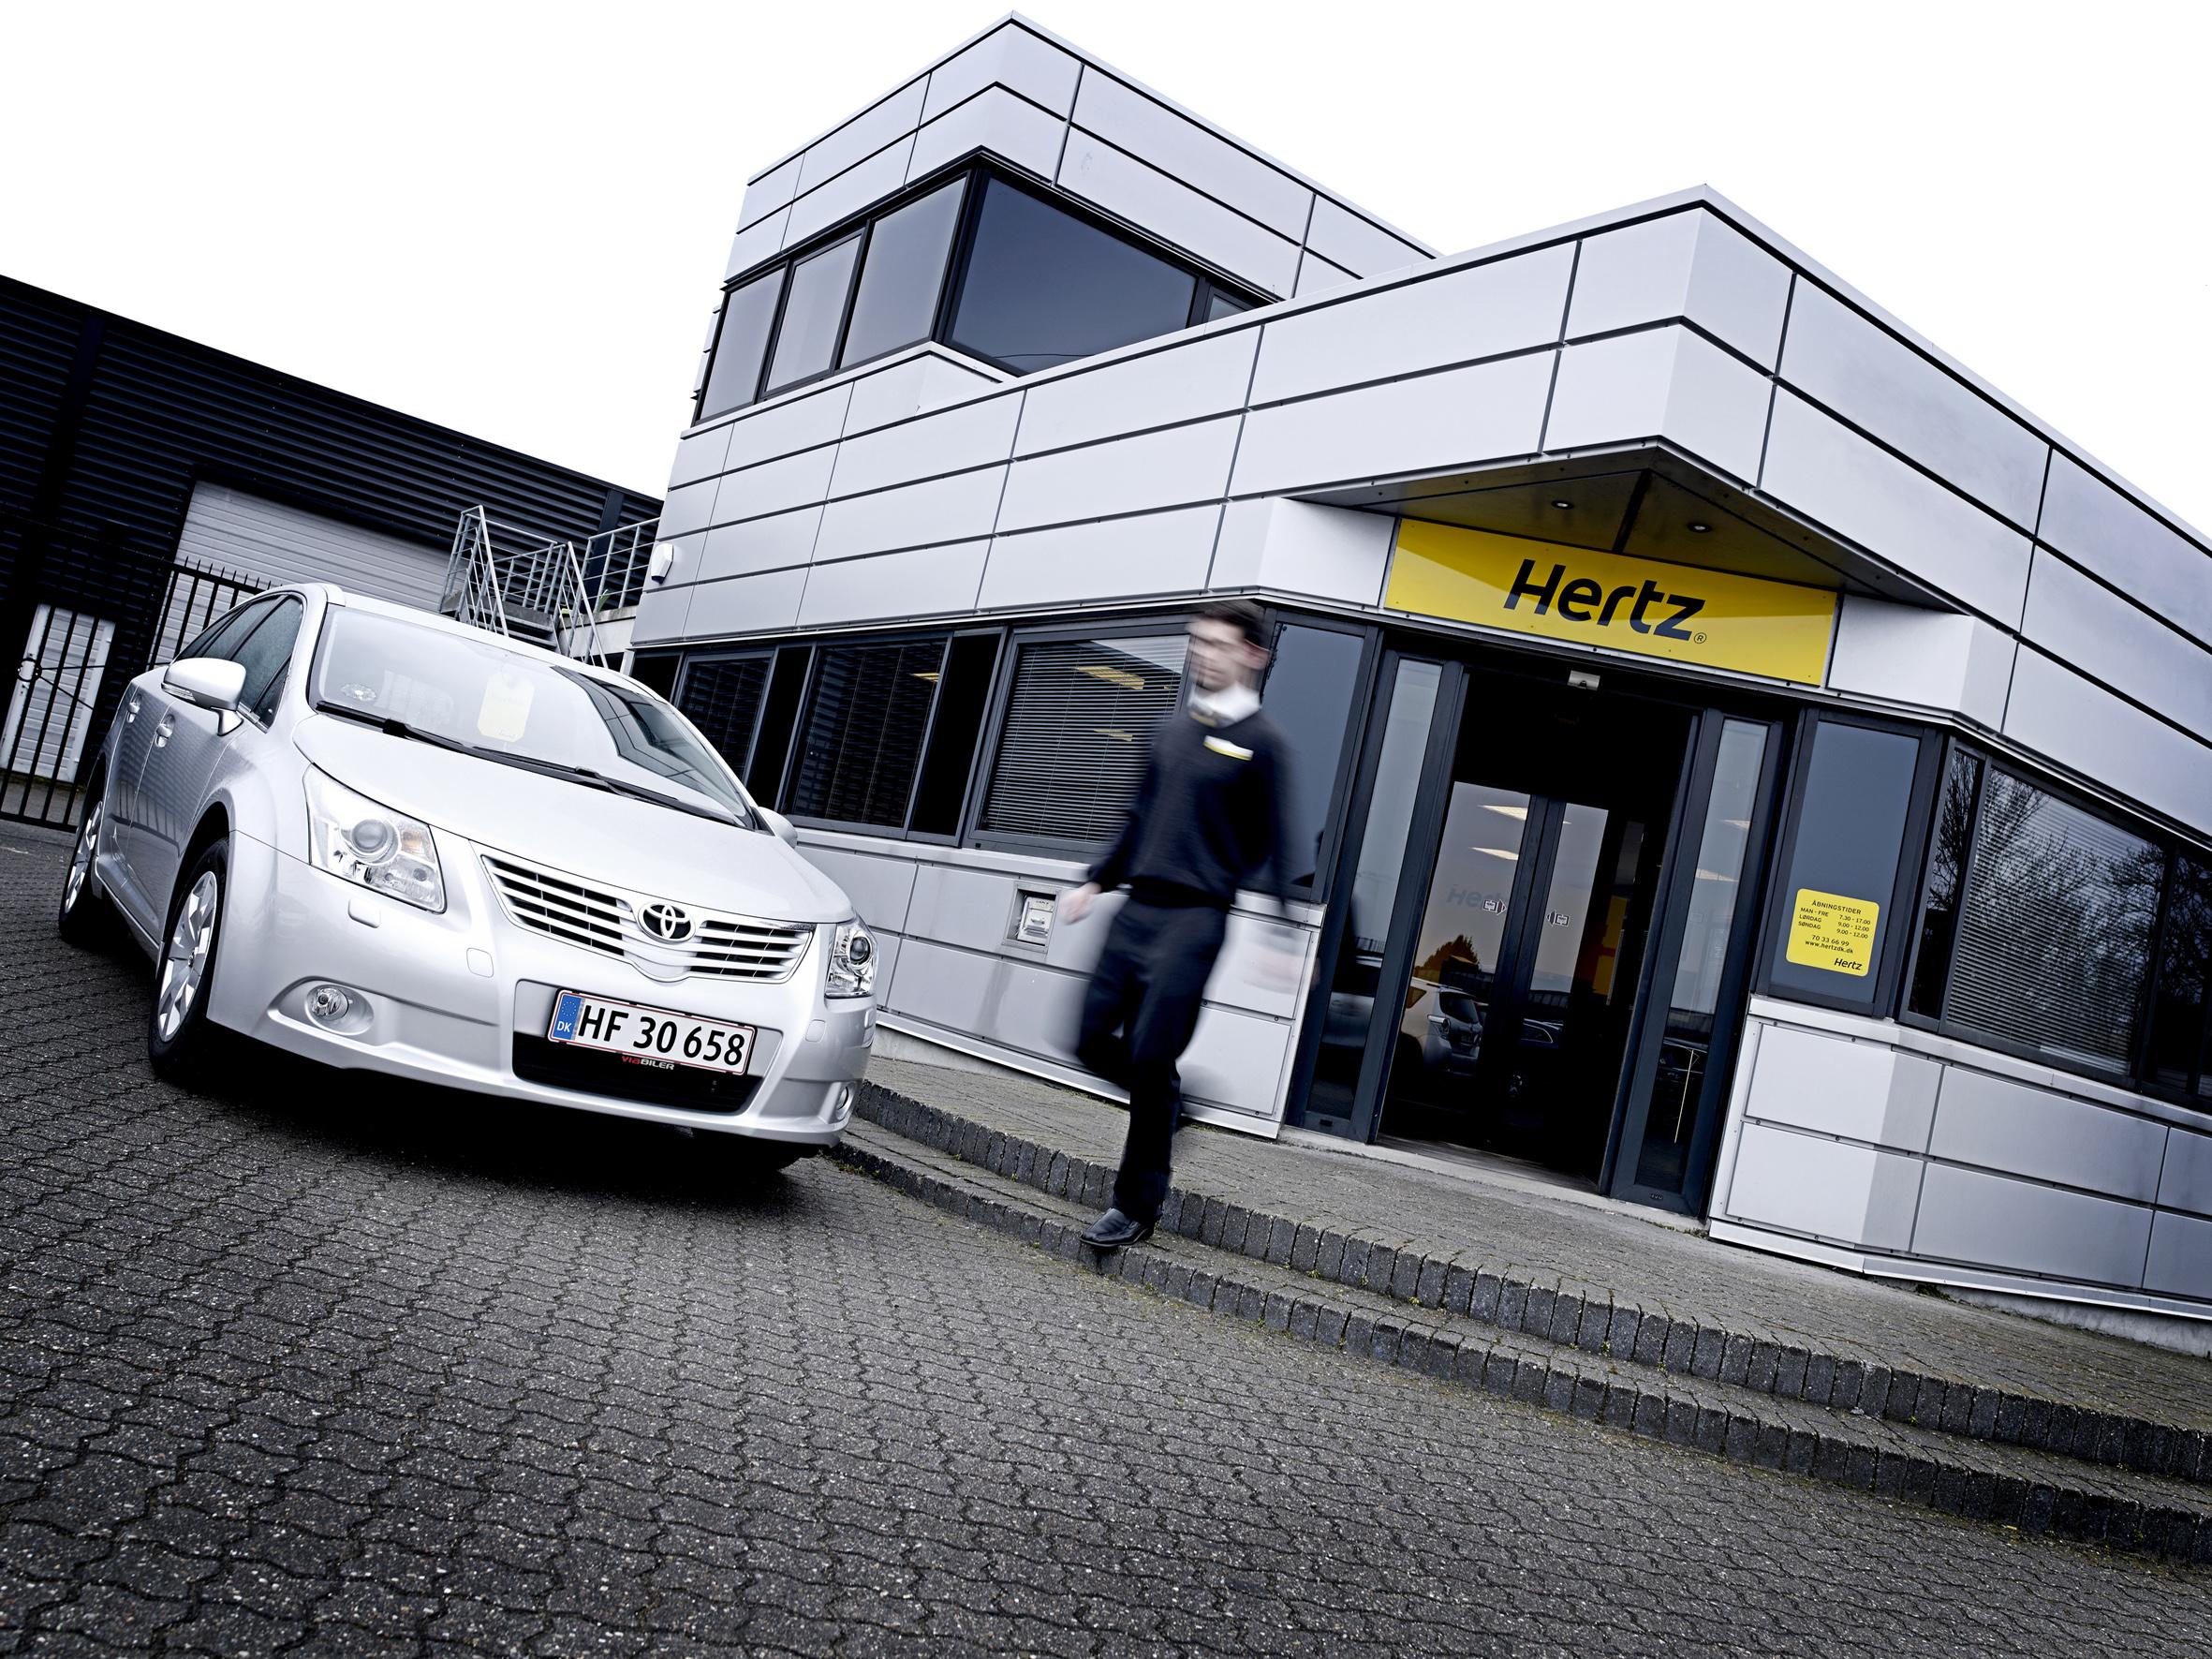 Hertz i USA er i store økonomiske problemer, men i Norden påvirkes koncernen ikke på det nordiske marked, da Hertz i Norden ejes af Volvo. Arkivpressefoto fra Hertz.